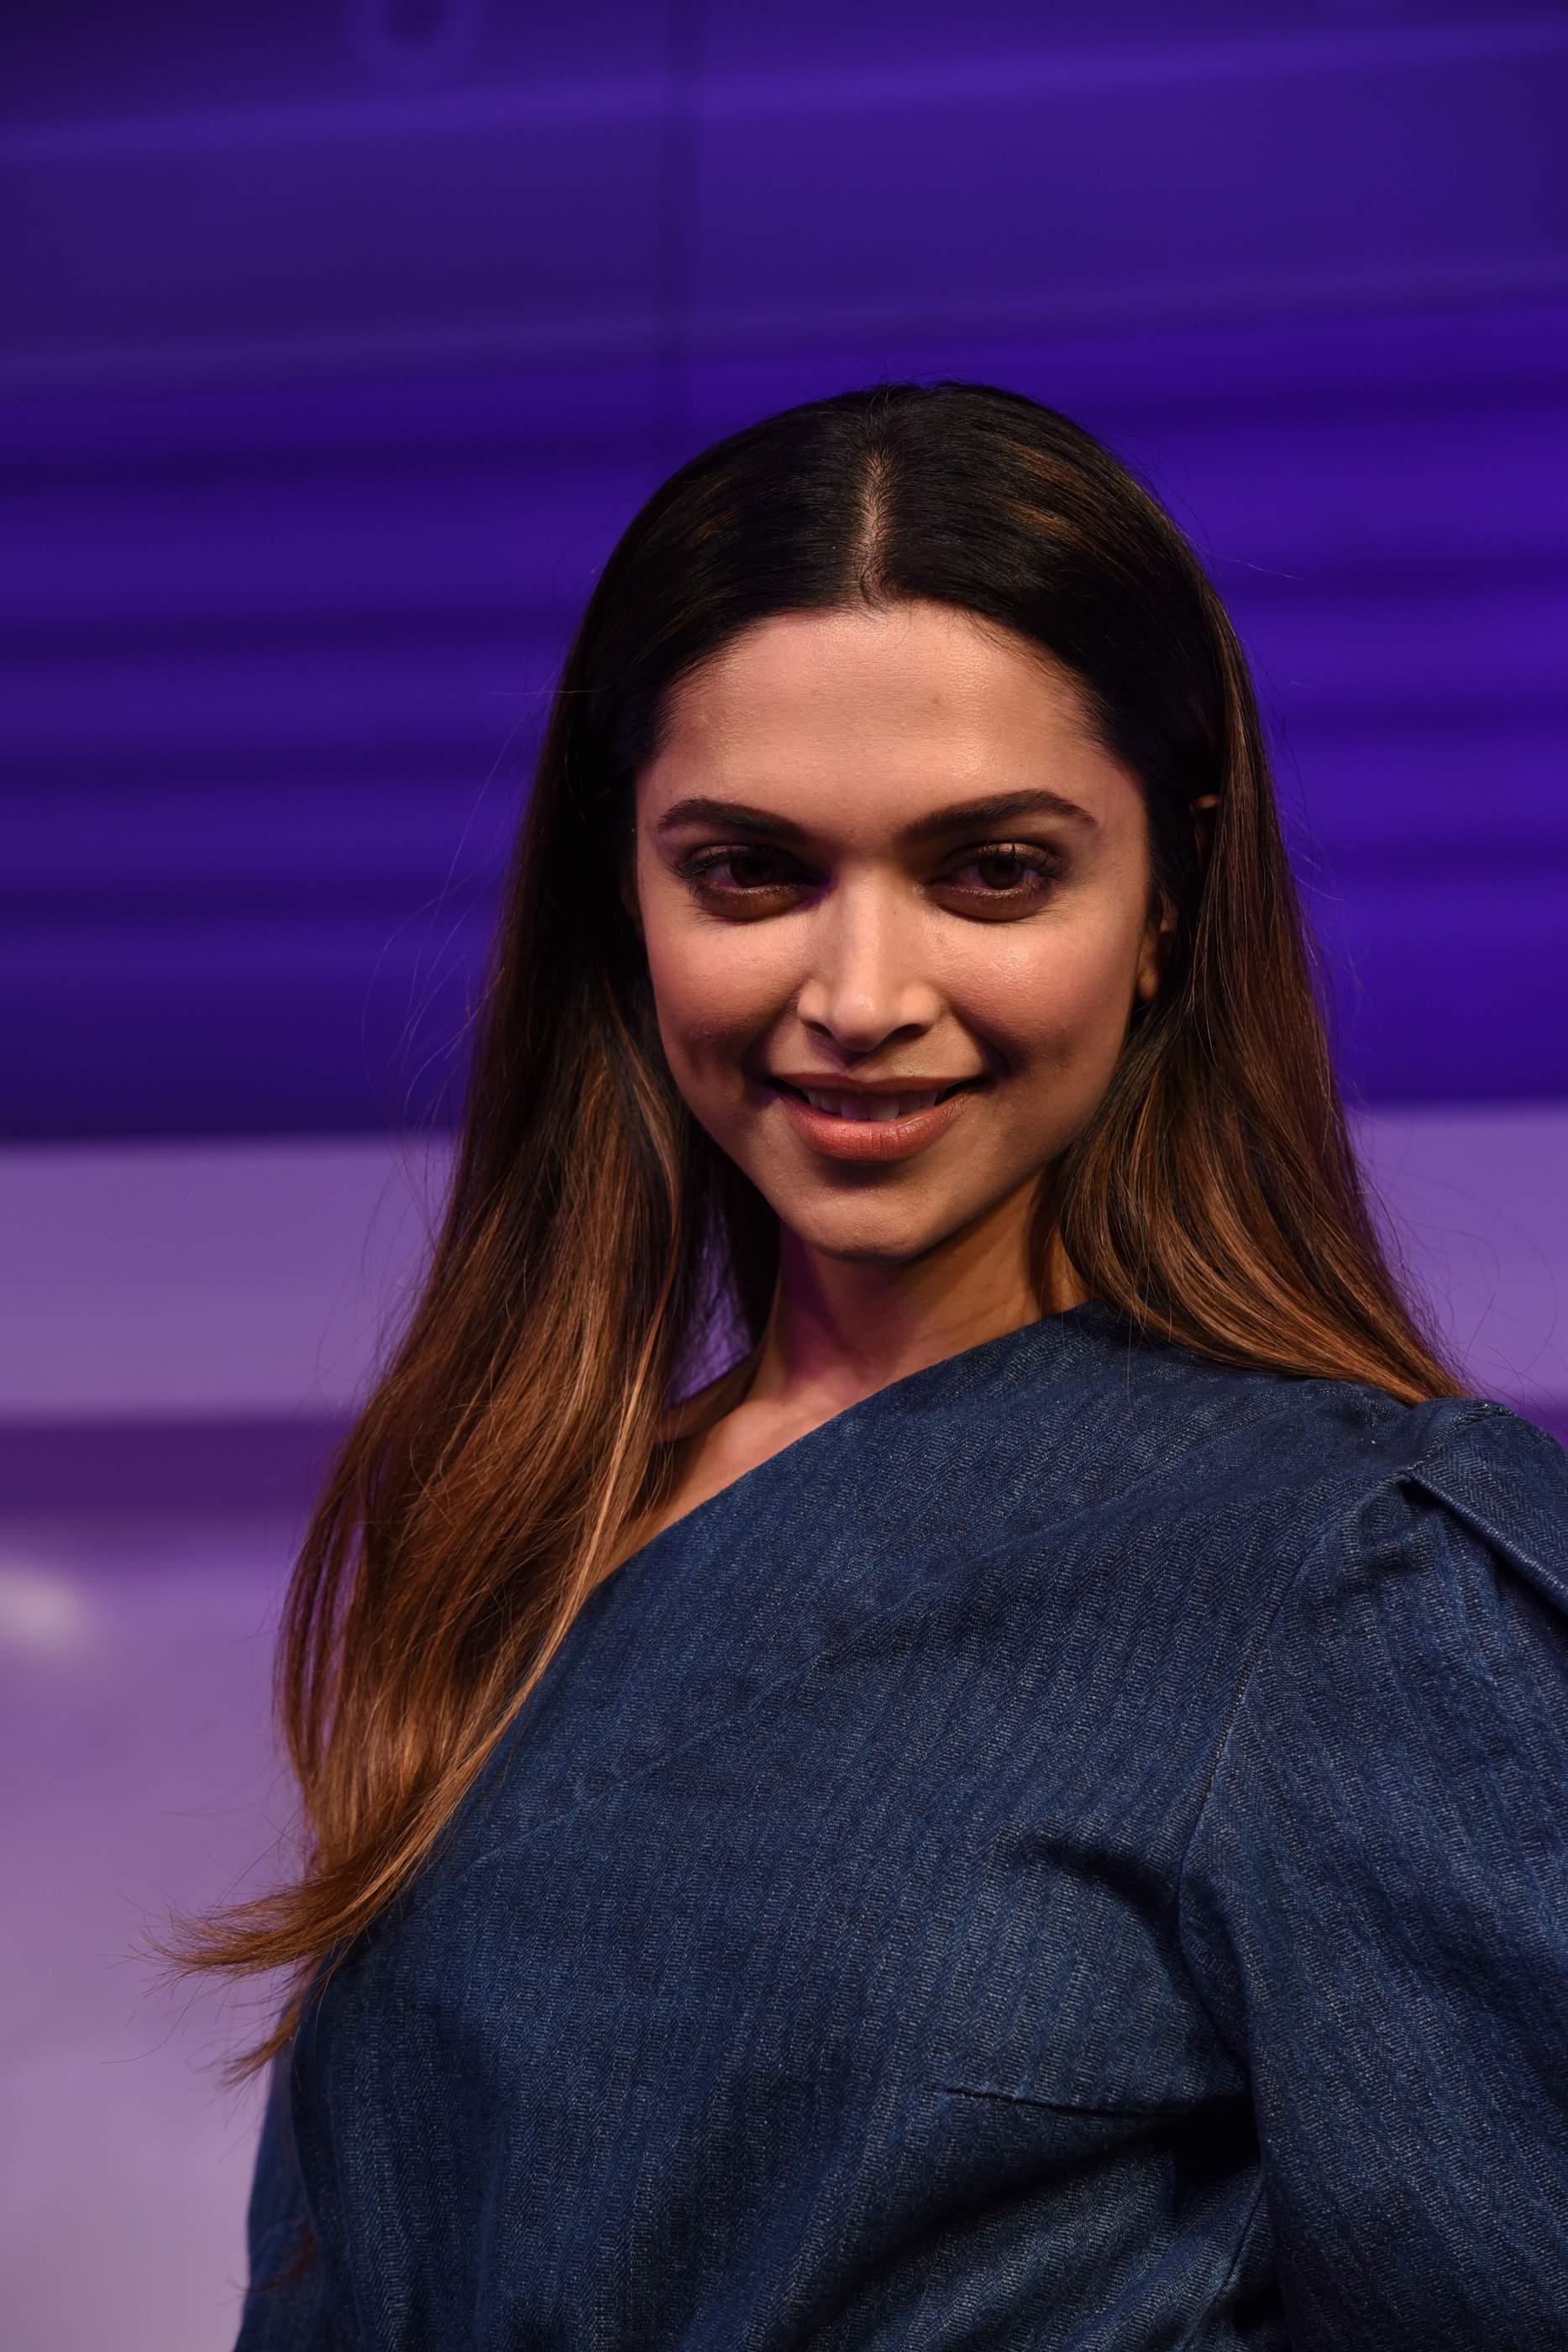 Beautiful Deepika Padukone, Soha Ali Khan & Neha Dhupia Beautiful Deepika Padukone, Soha Ali Khan & Neha Dhupia Gilette 134